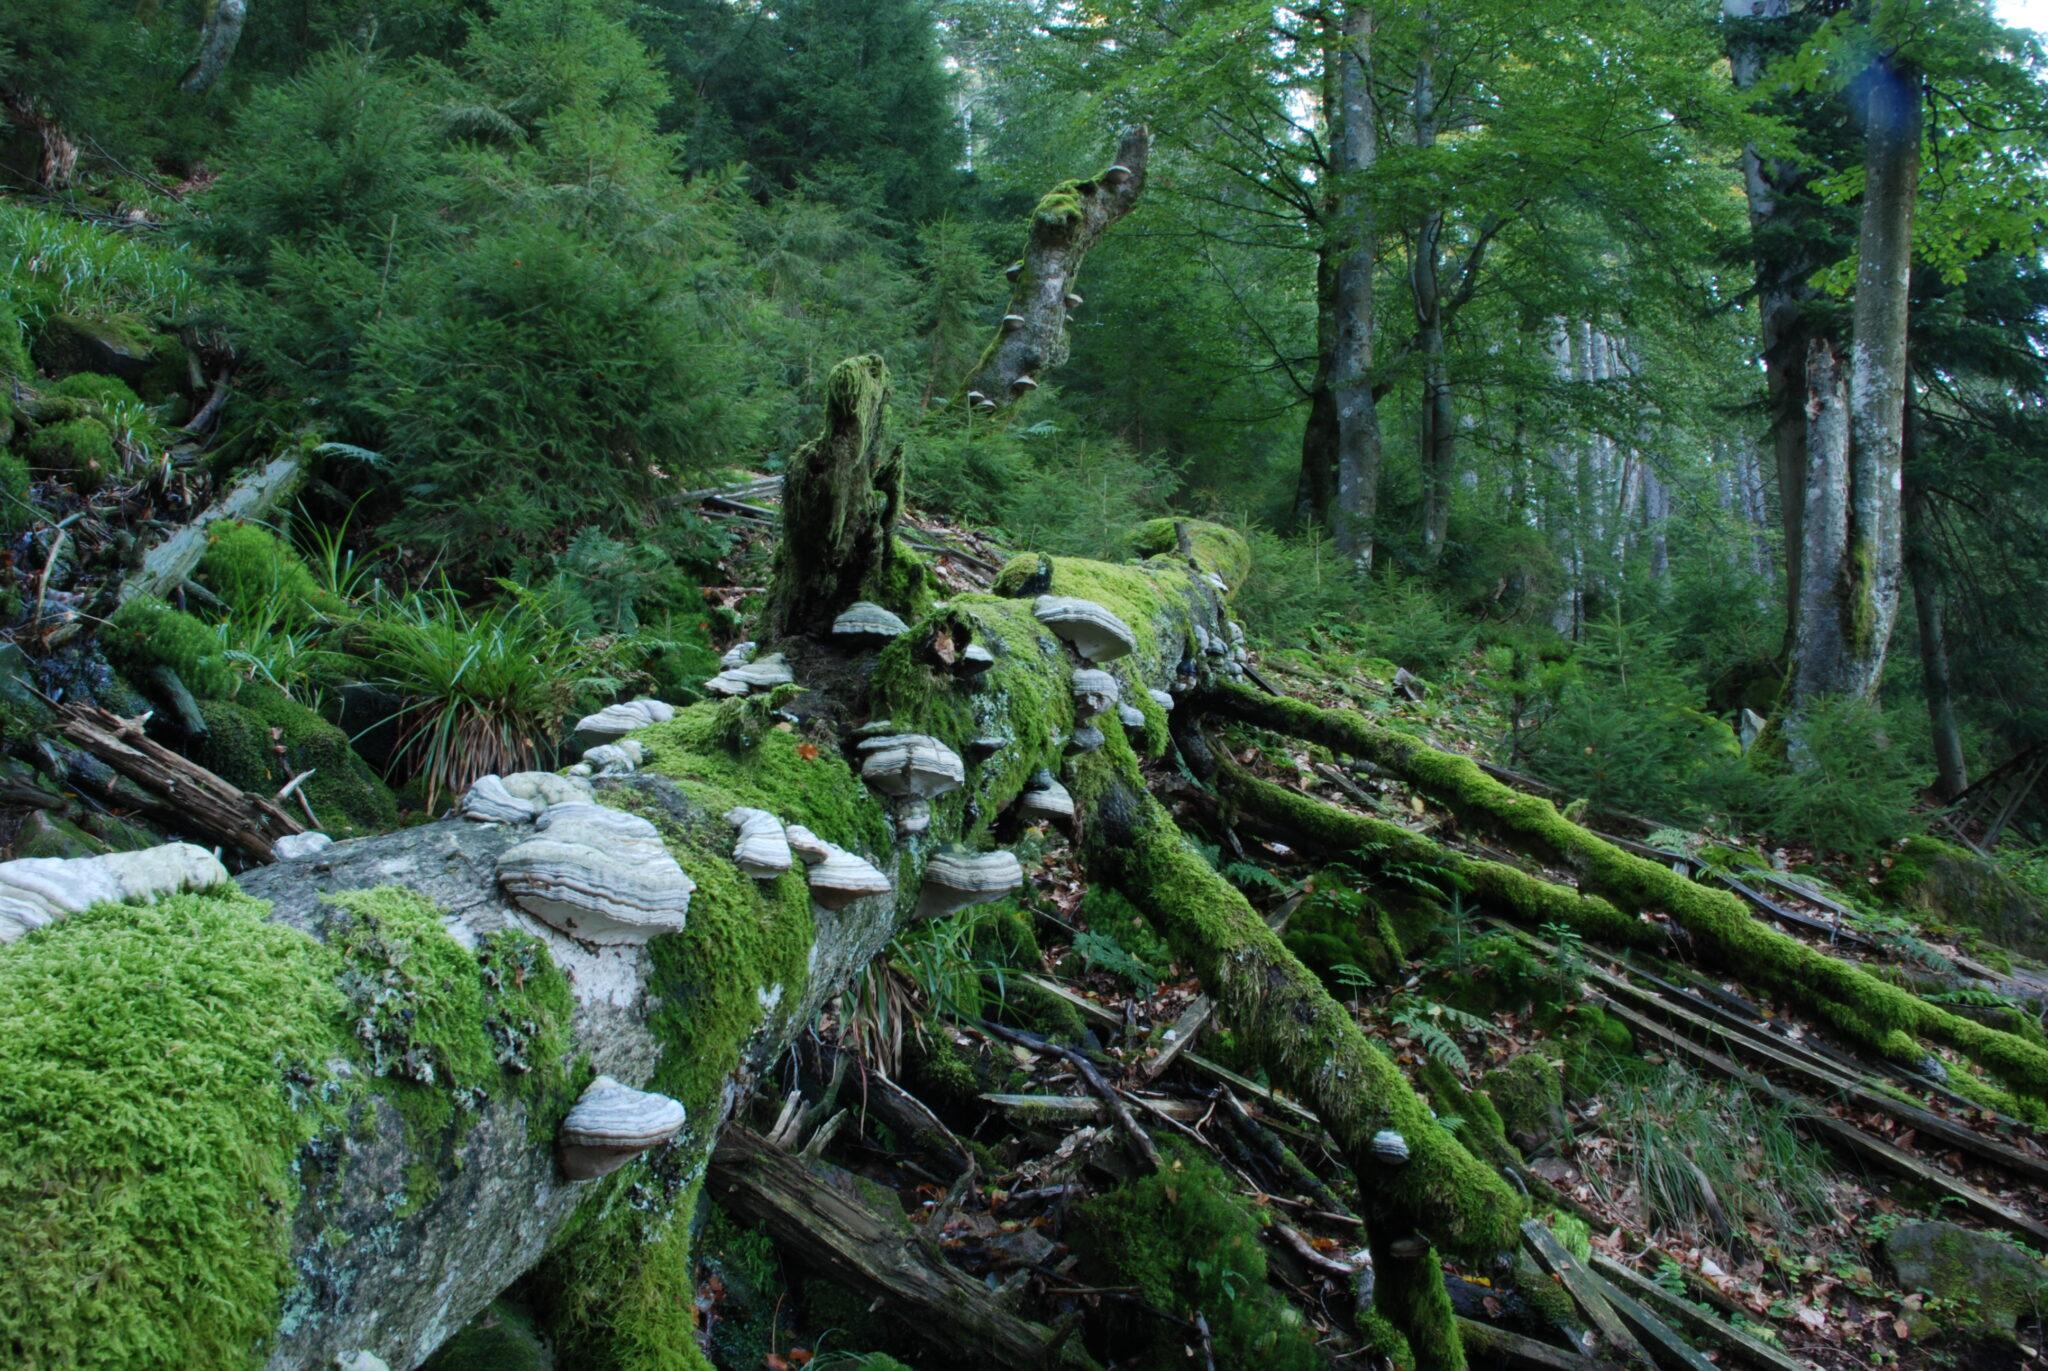 Mit Pilzen und Moos bedeckter Baum im Wald